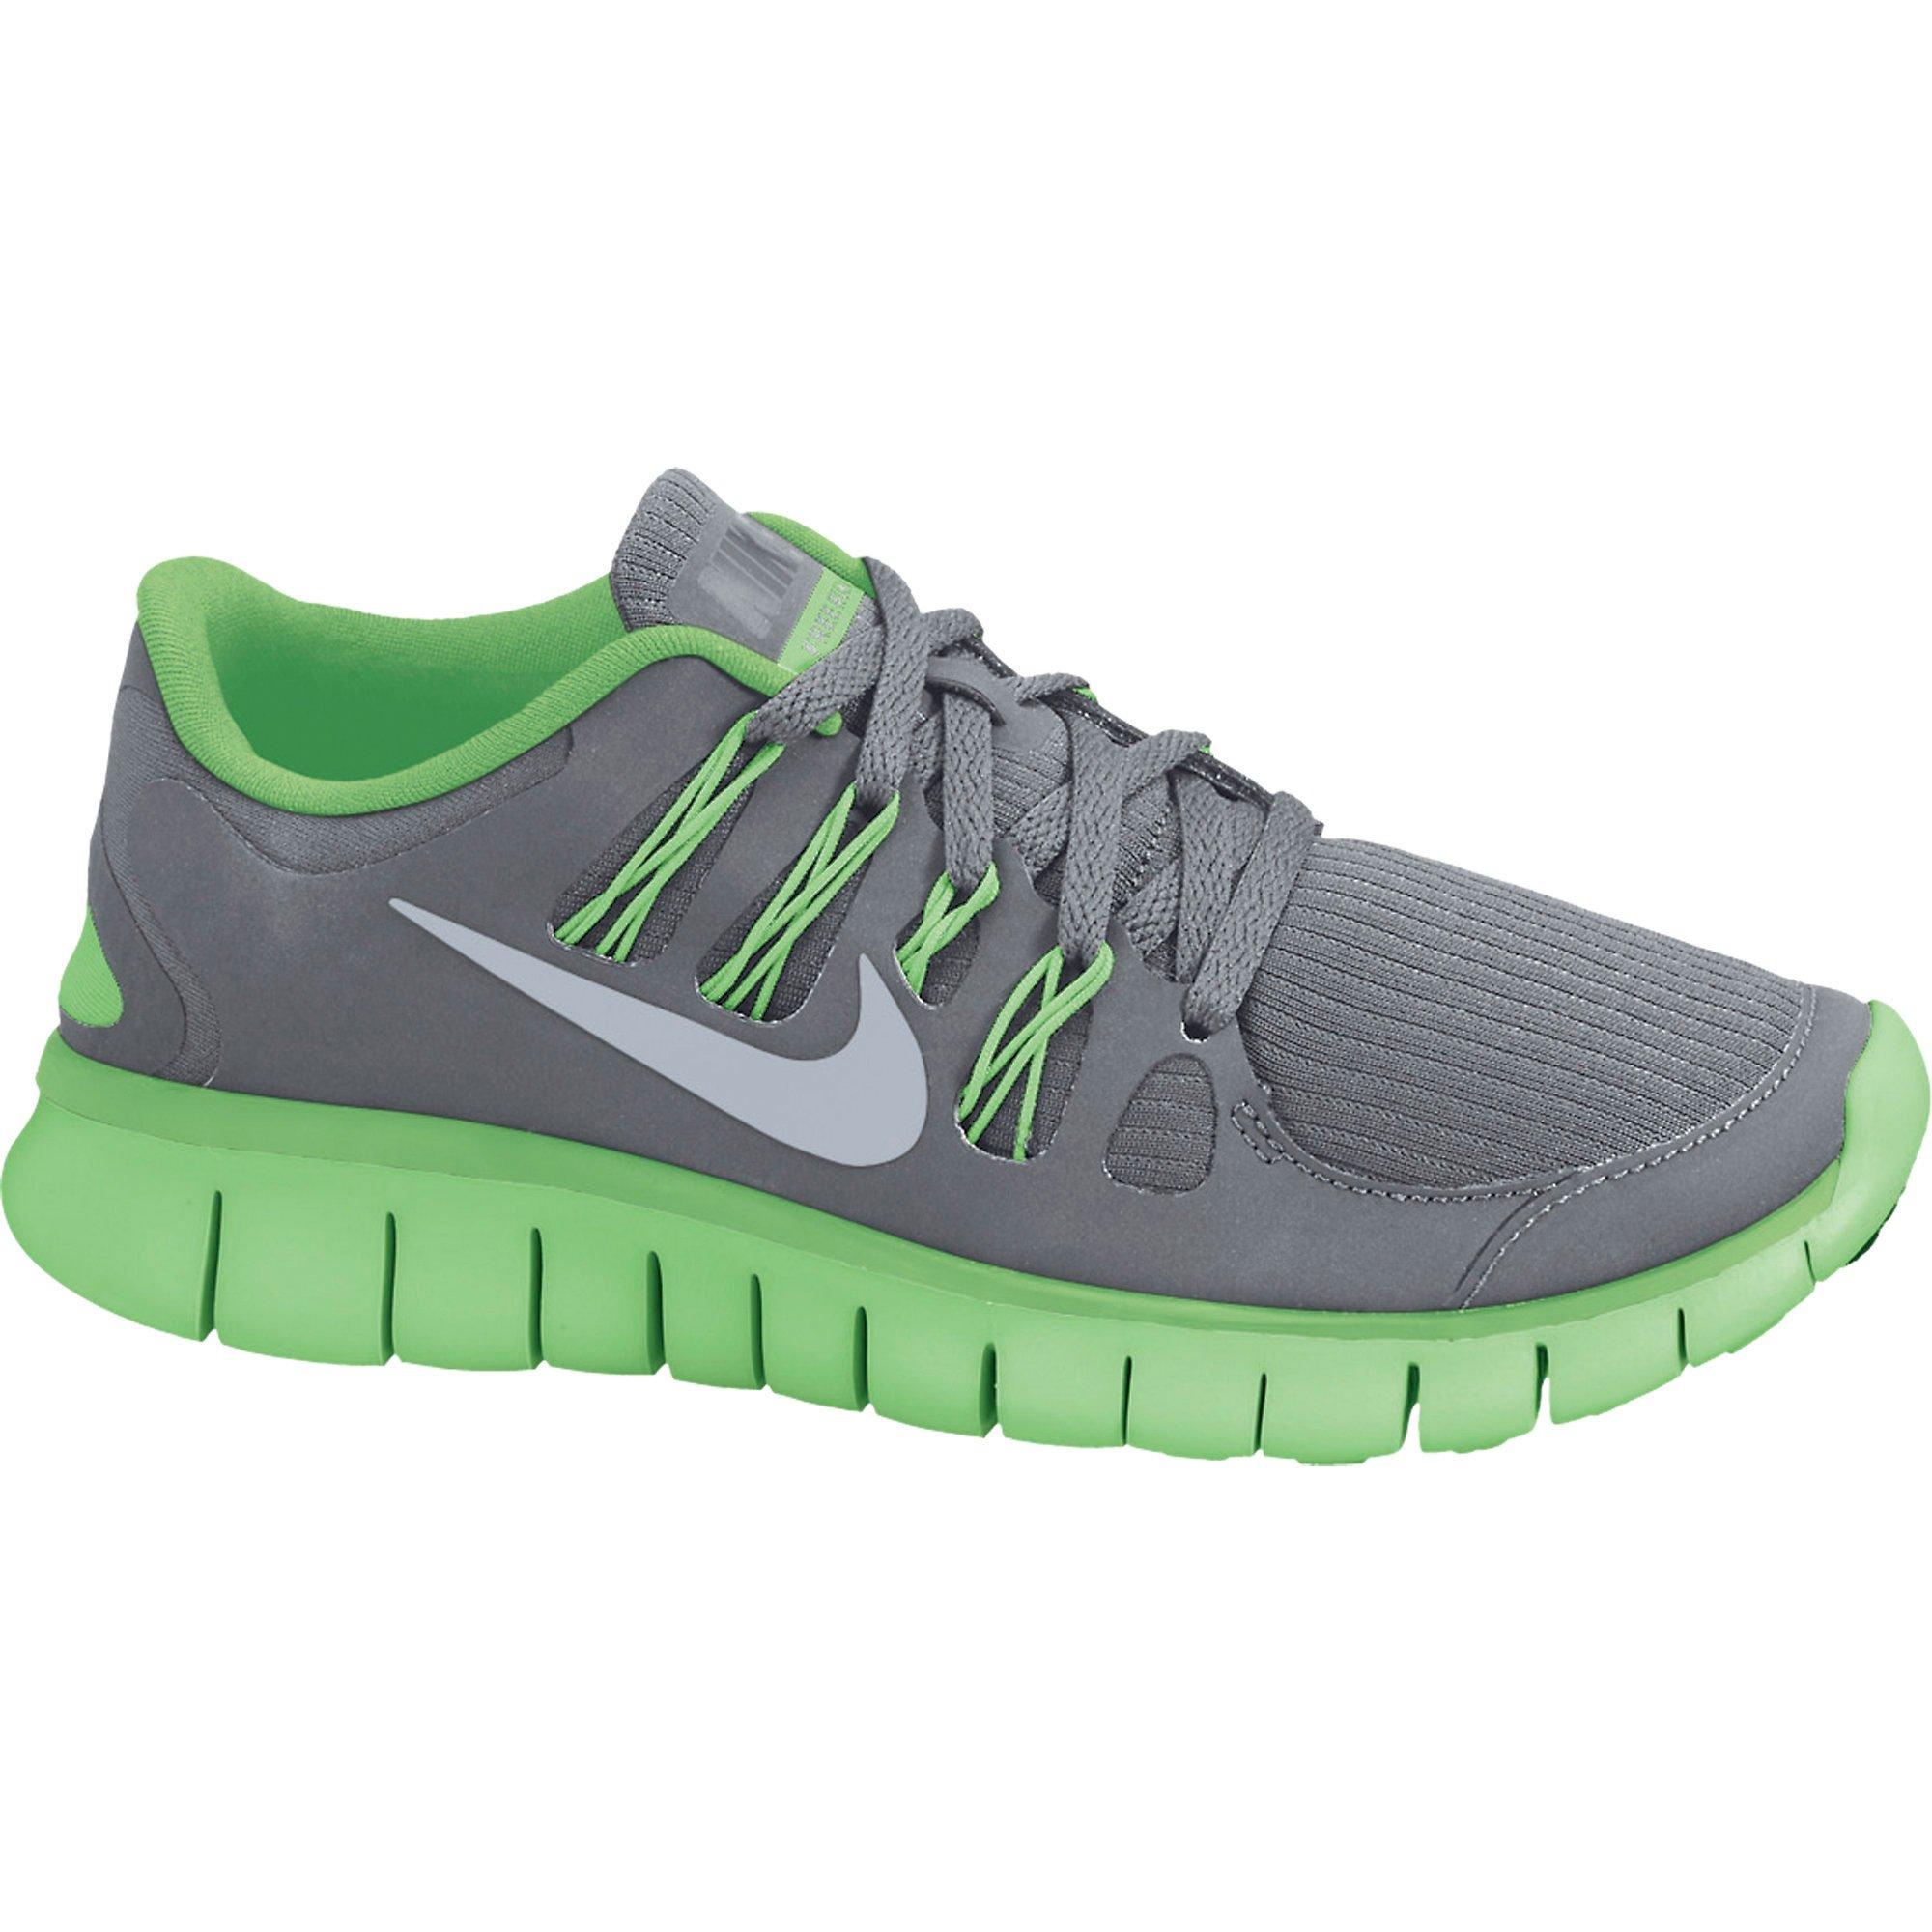 Nike Nike free run junior på billigsport24